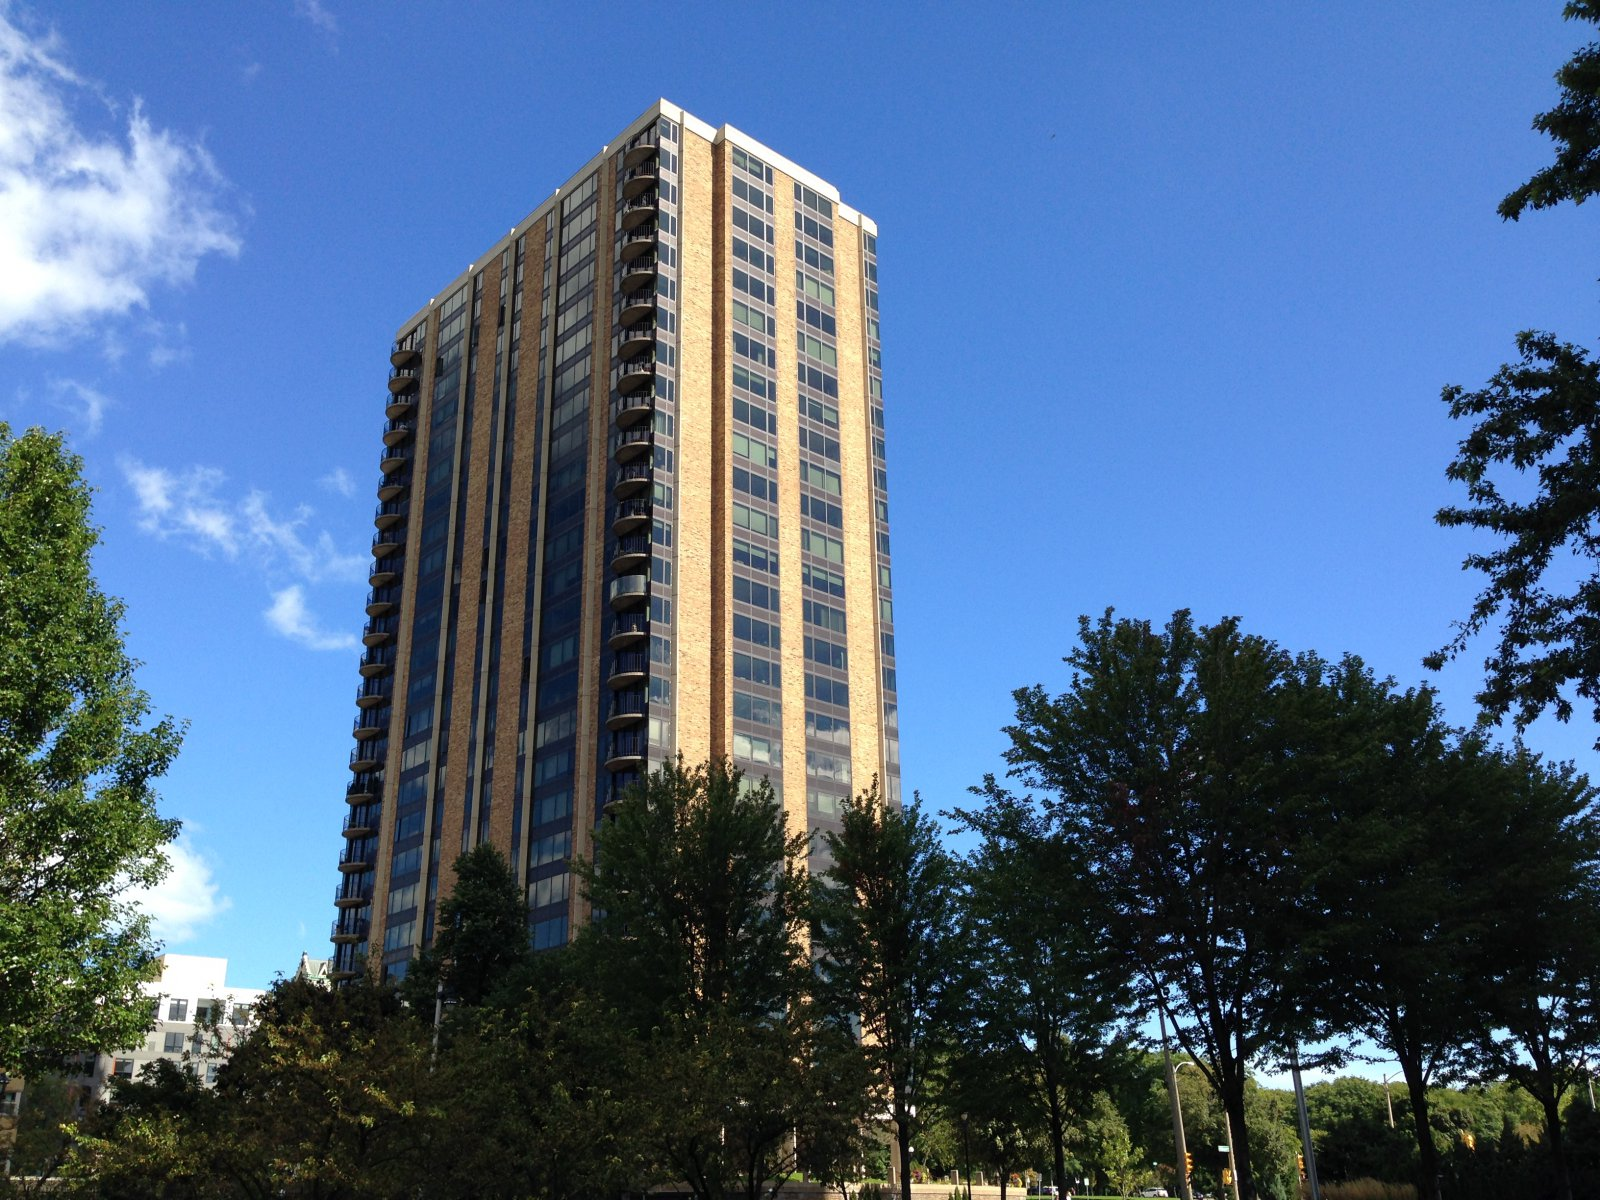 929 N. Astor St.